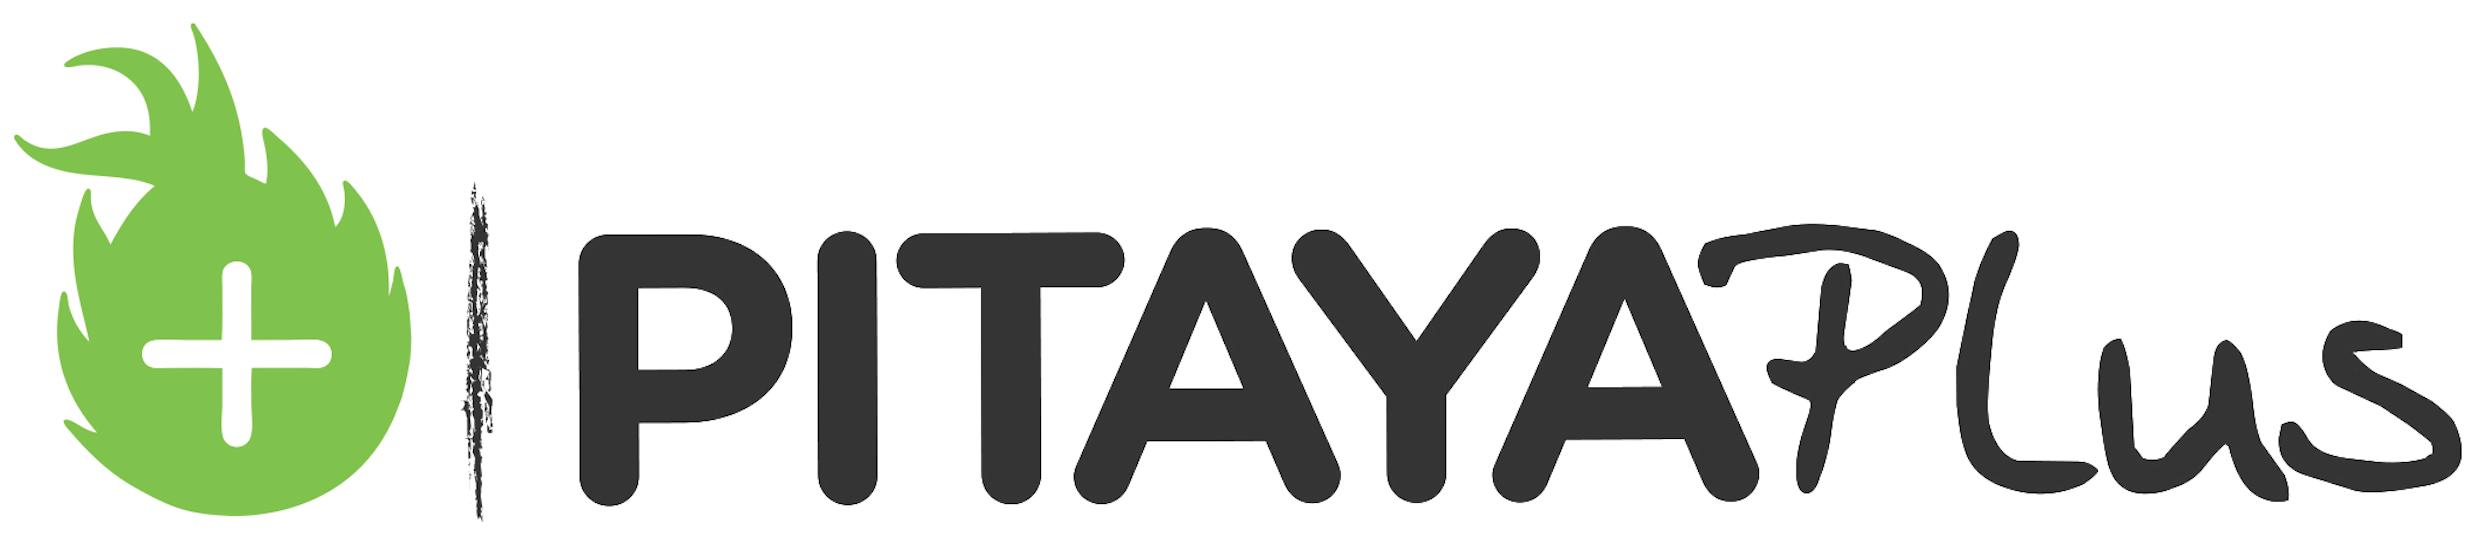 Pitaya plus logo